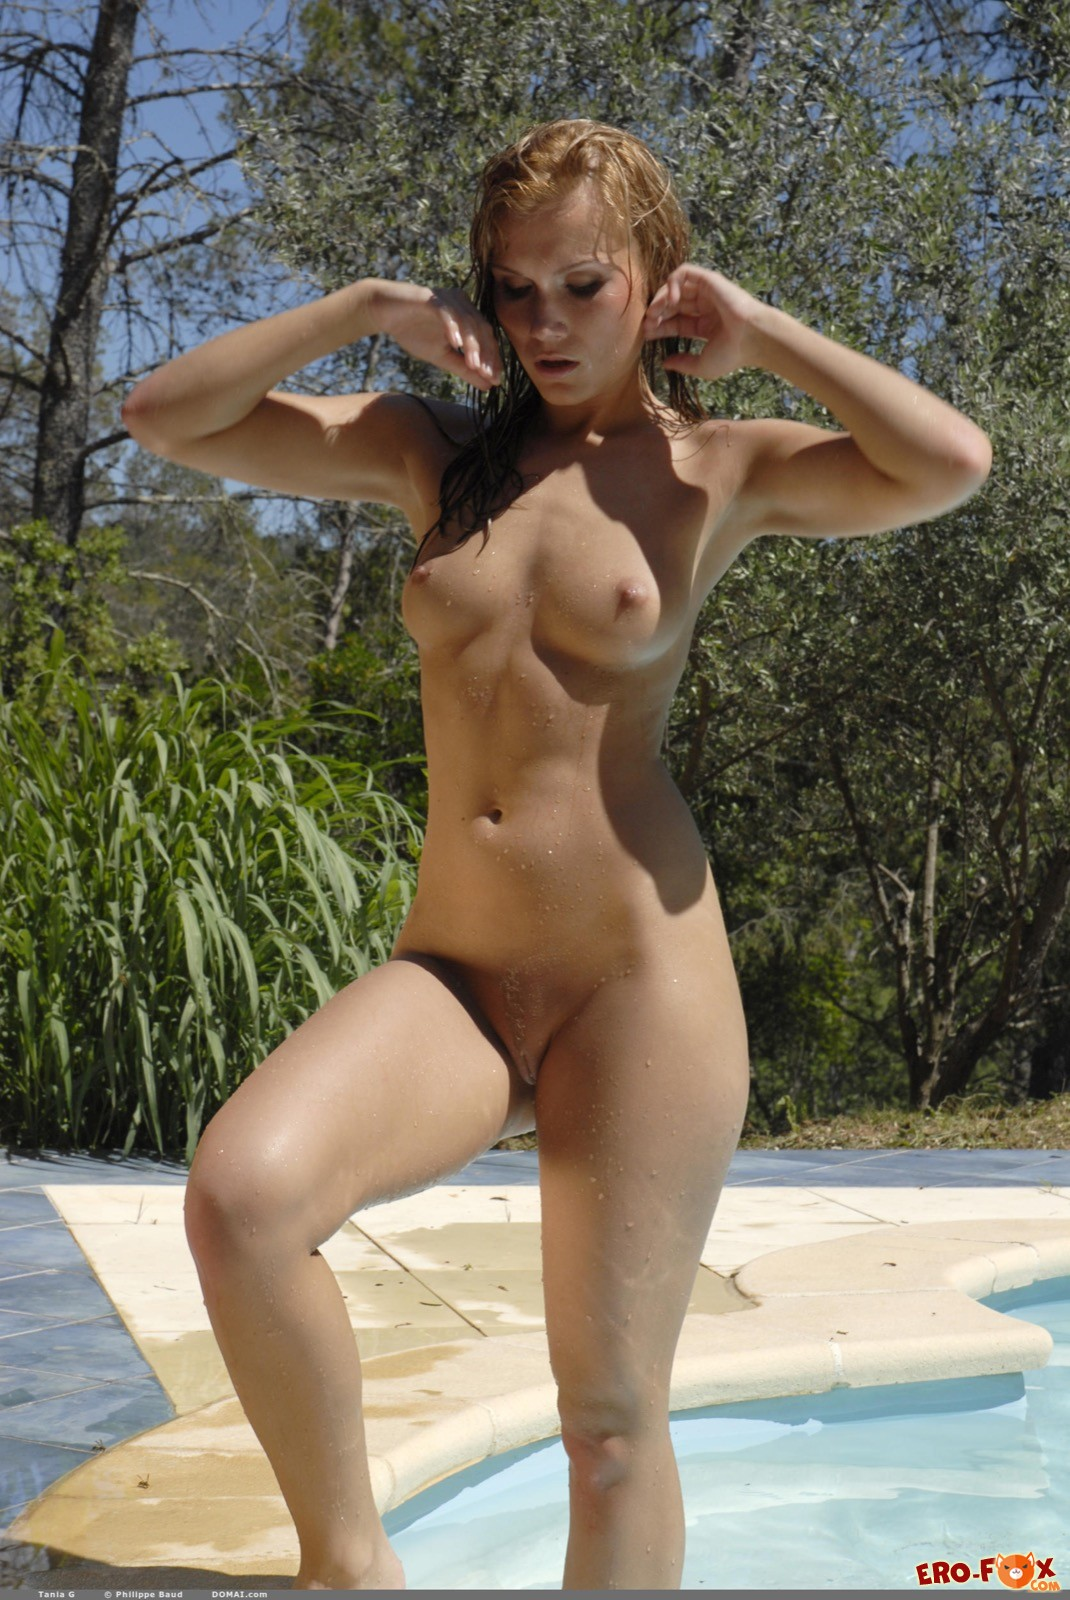 Мокрая девица с красивым телом нежится у бассейна